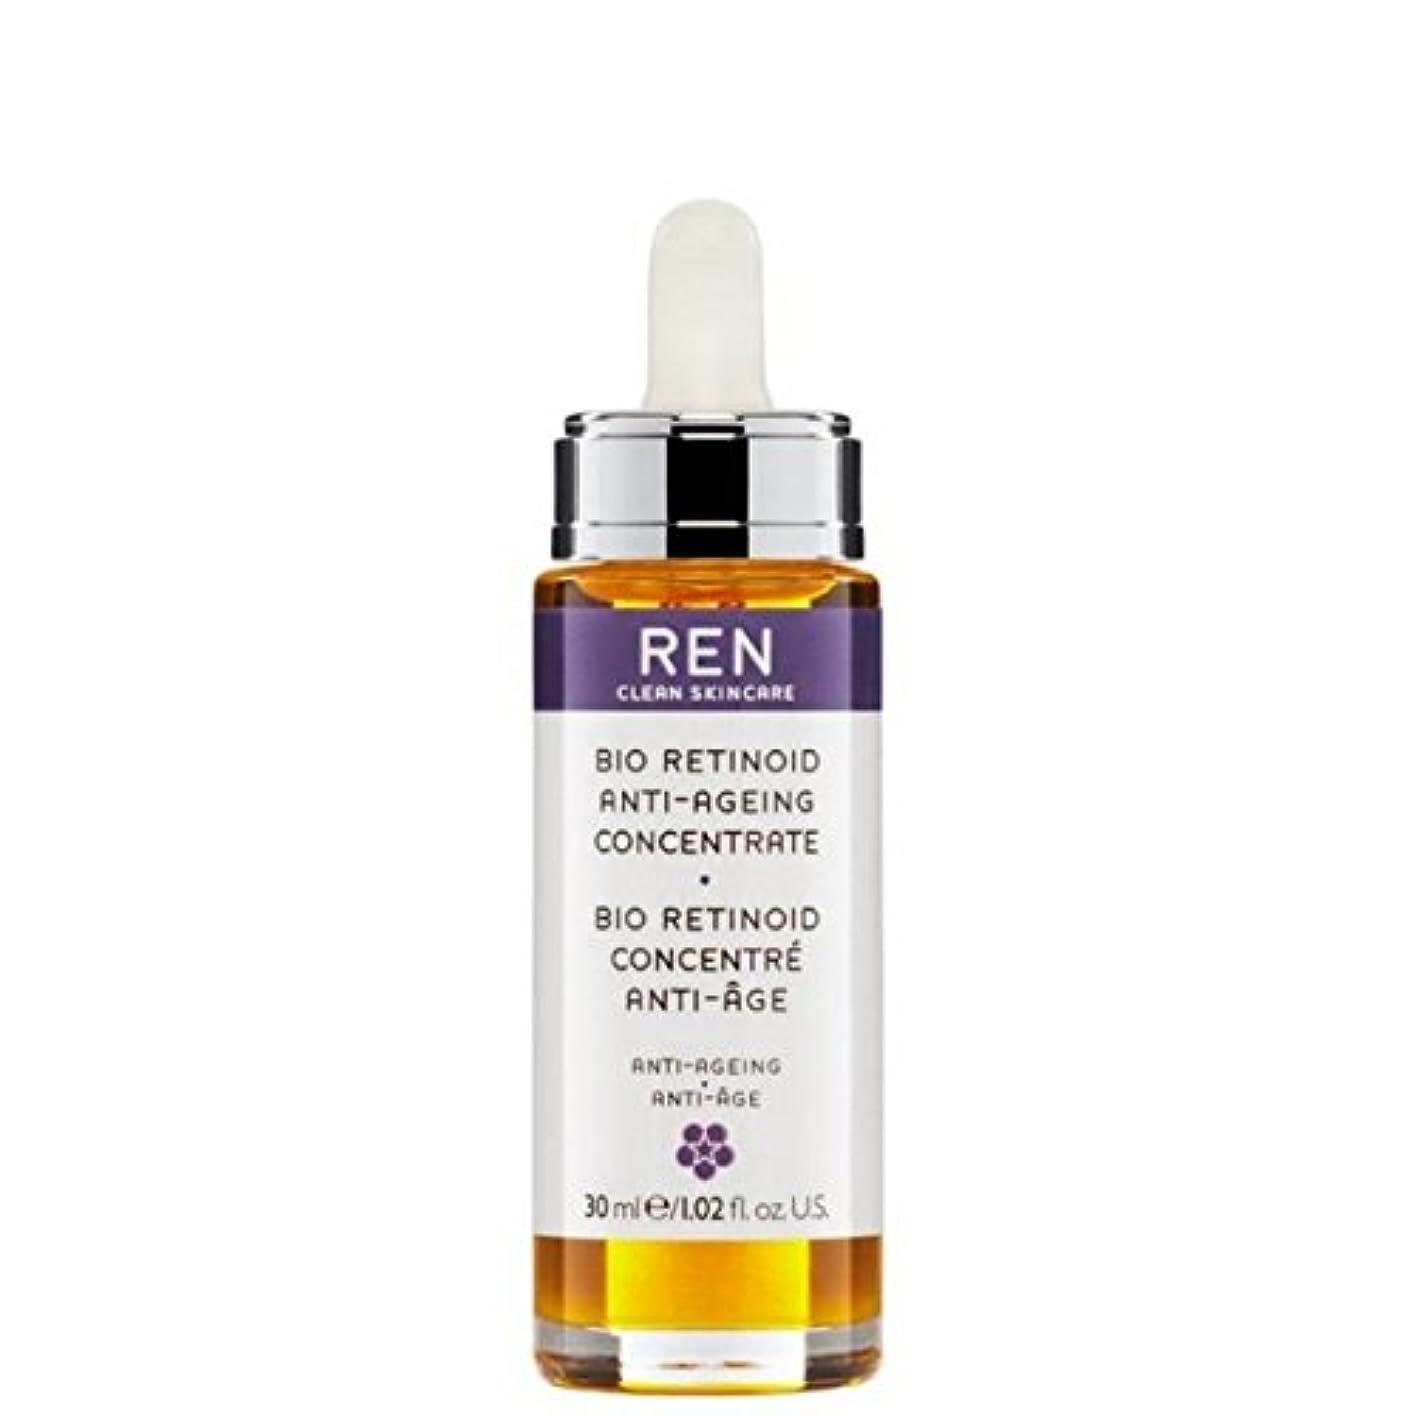 固有のオピエート構築するバイオレチノイド抗しわ濃縮油 x2 - REN Bio Retinoid Anti-Wrinkle Concentrate Oil (Pack of 2) [並行輸入品]